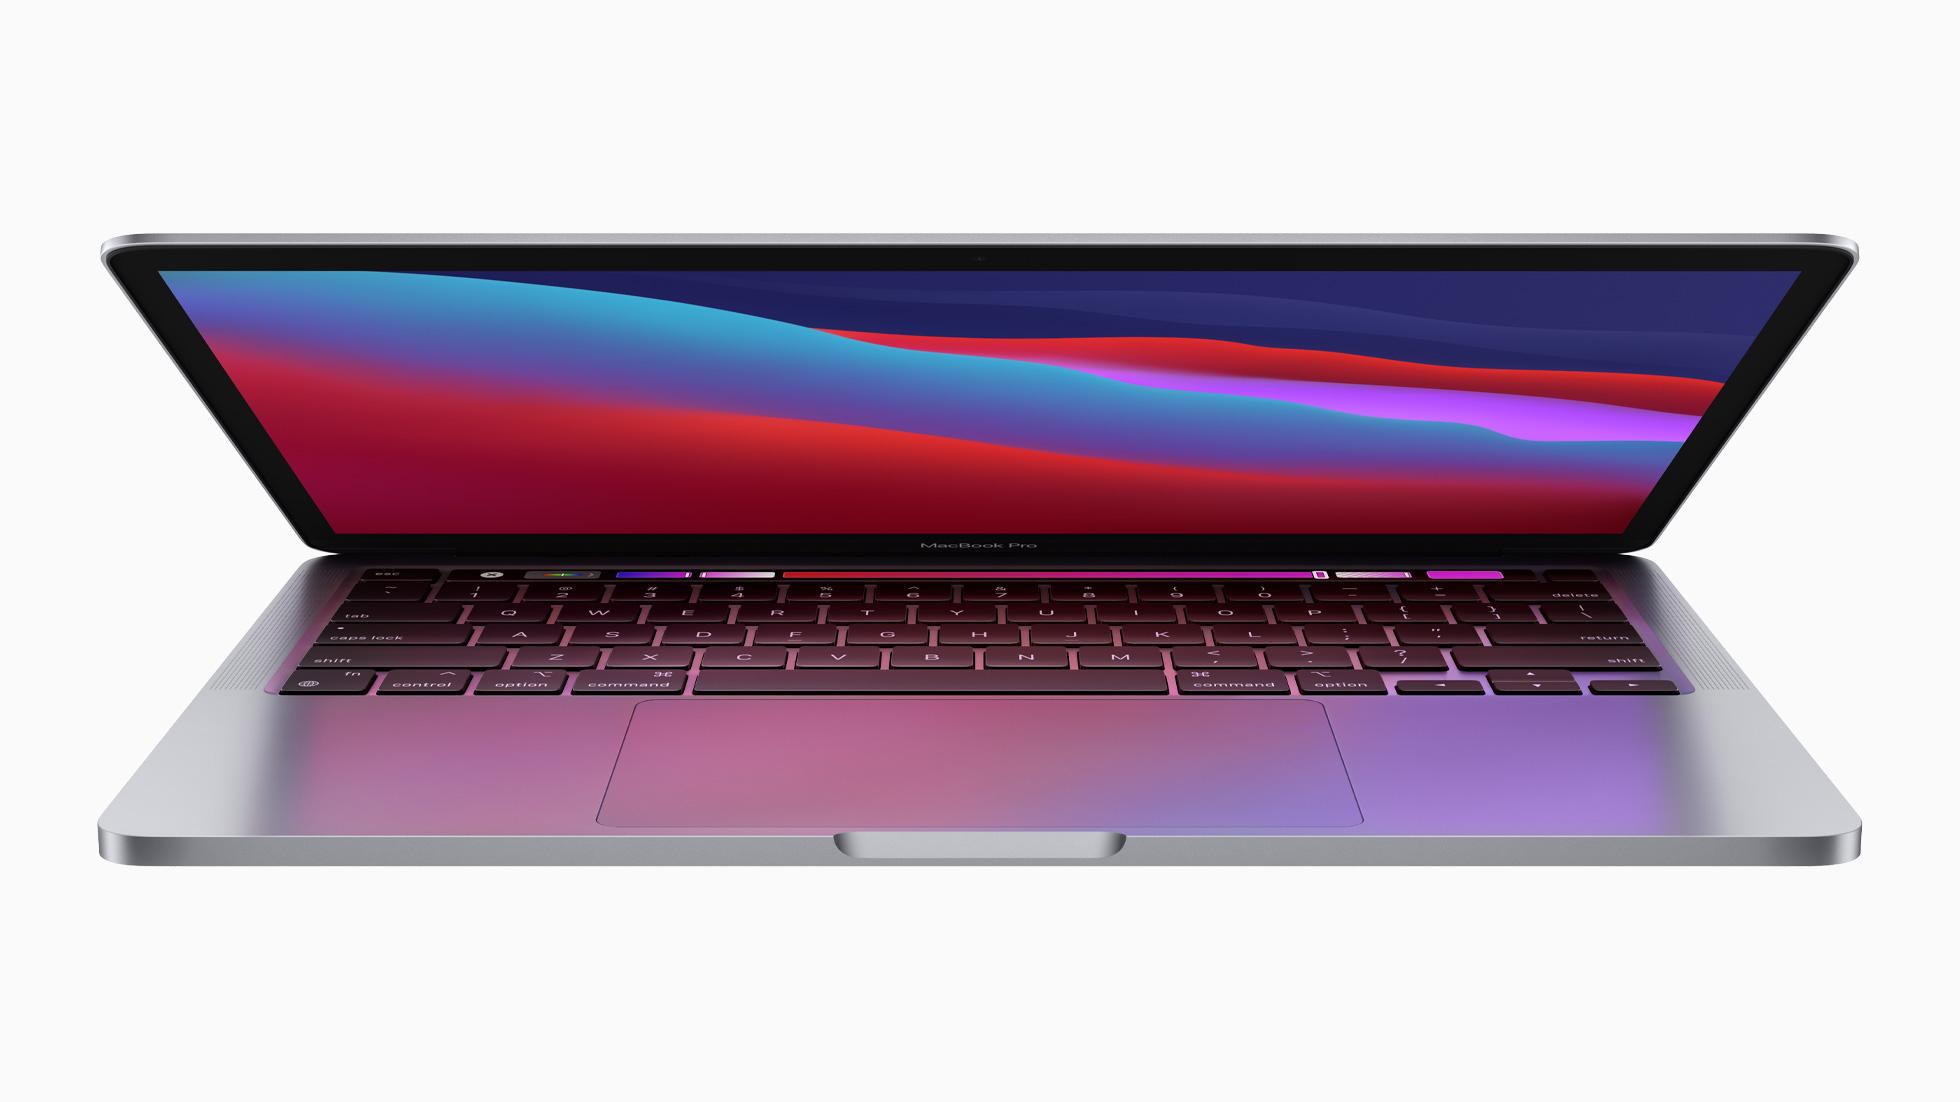 appe-macbook-pro-m1-chip